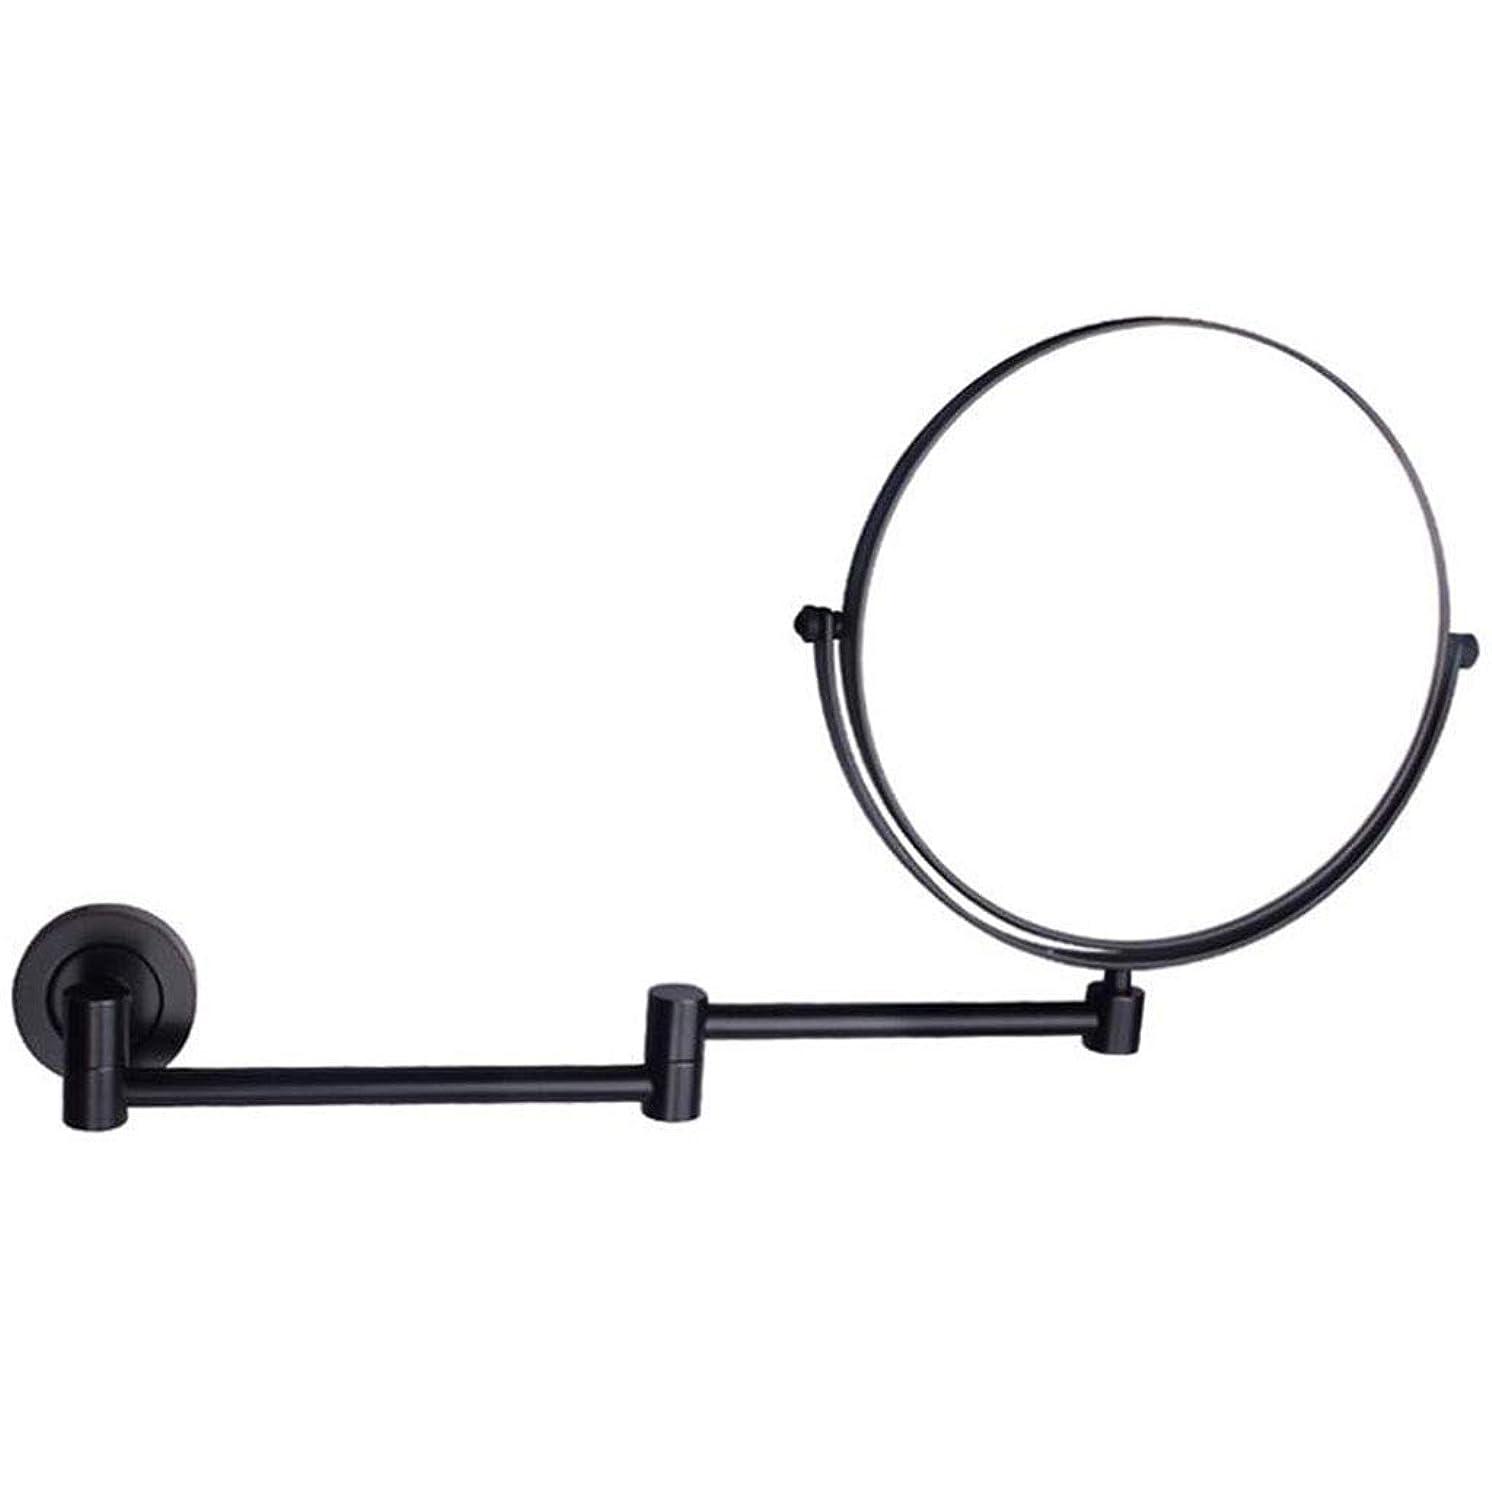 保護シャーロックホームズ彼らのものHUYYA シェービングミラー 壁付、バスルームメイクアップミラー 3 倍拡大鏡 360度回転 バニティミラー 両面 化粧鏡 丸め 寝室や浴室に適しています,Black_8inch